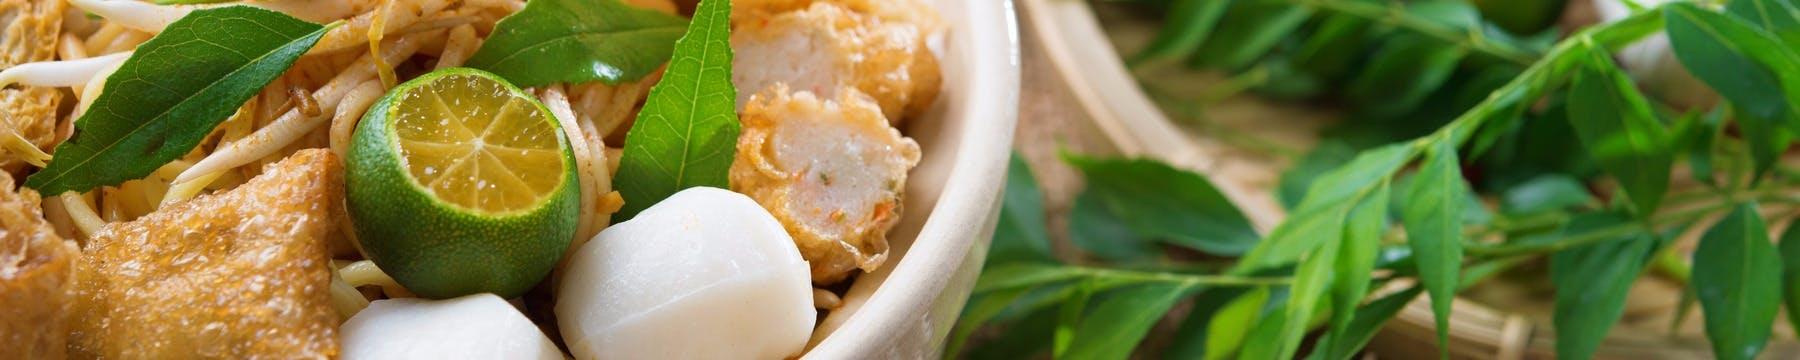 Markopolo catering<br>  Asia wok,kuchnie świata<br>Bo kuchnia to miejsce wymagające niezwykłej pasji<br>